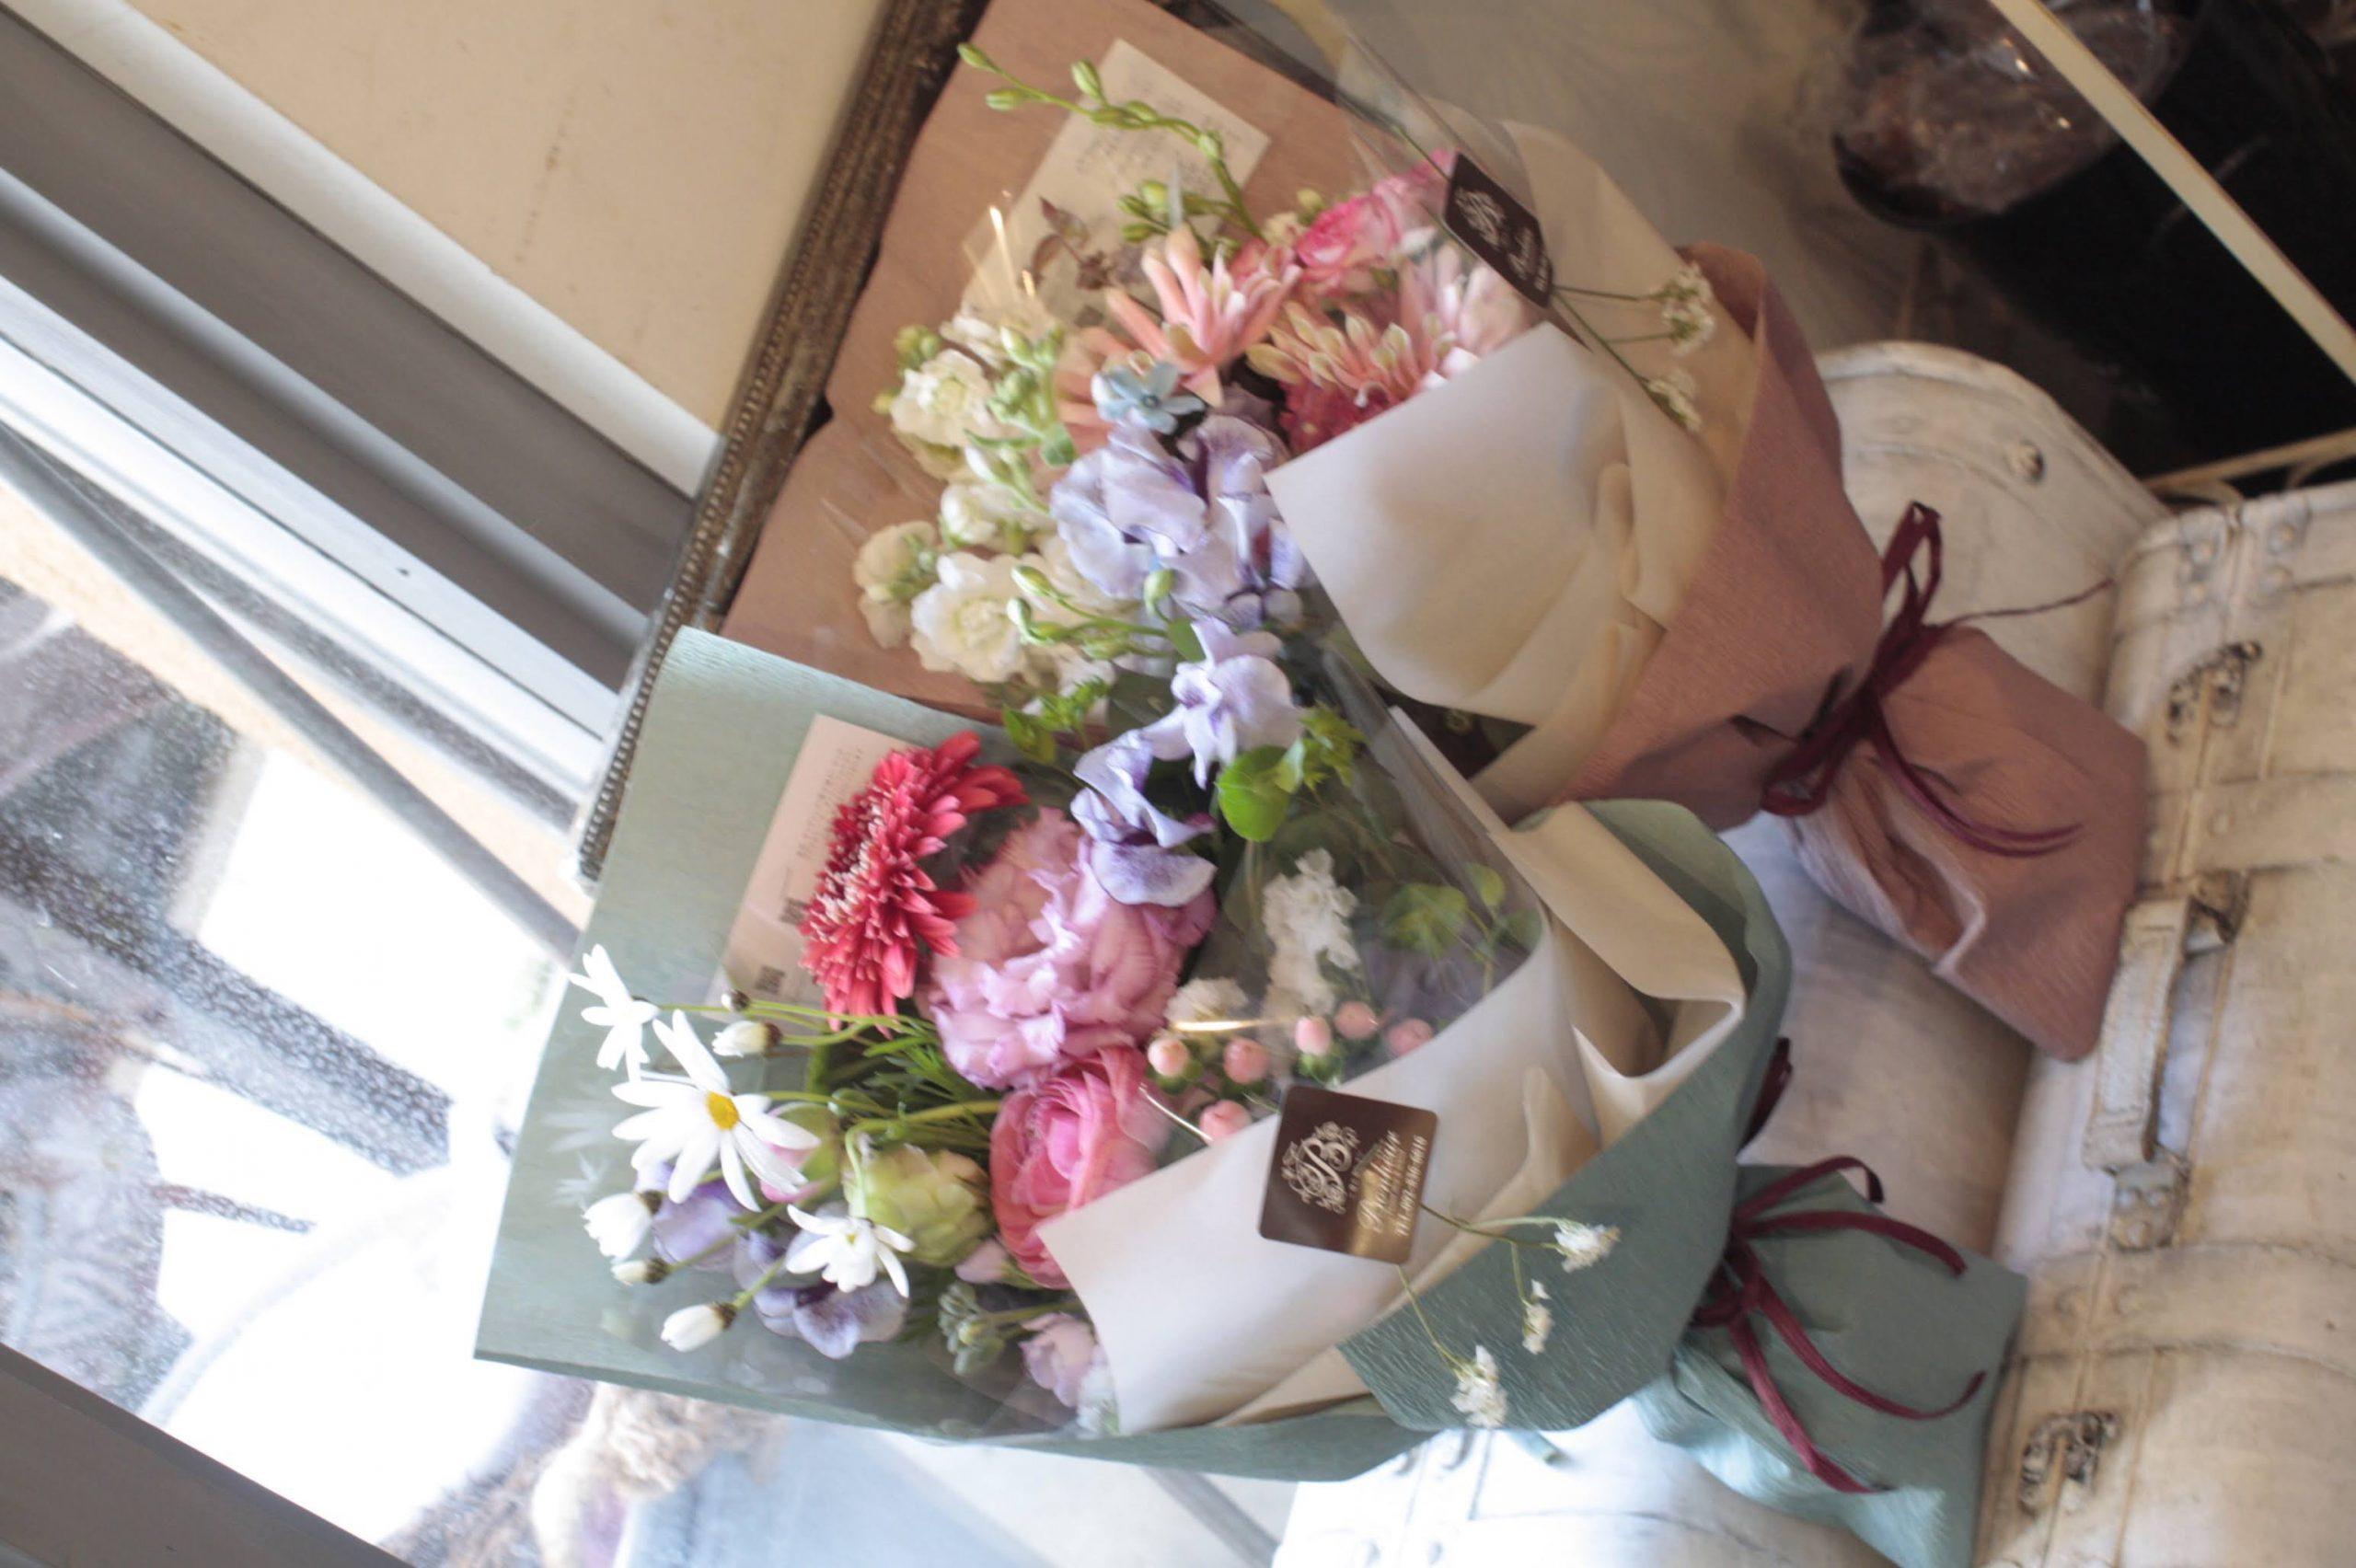 卒業、離任式、部活、退職される方へ、サークル沢山のご依頼ありがとうございました 福岡市 花屋  ボヌール 福大そば;